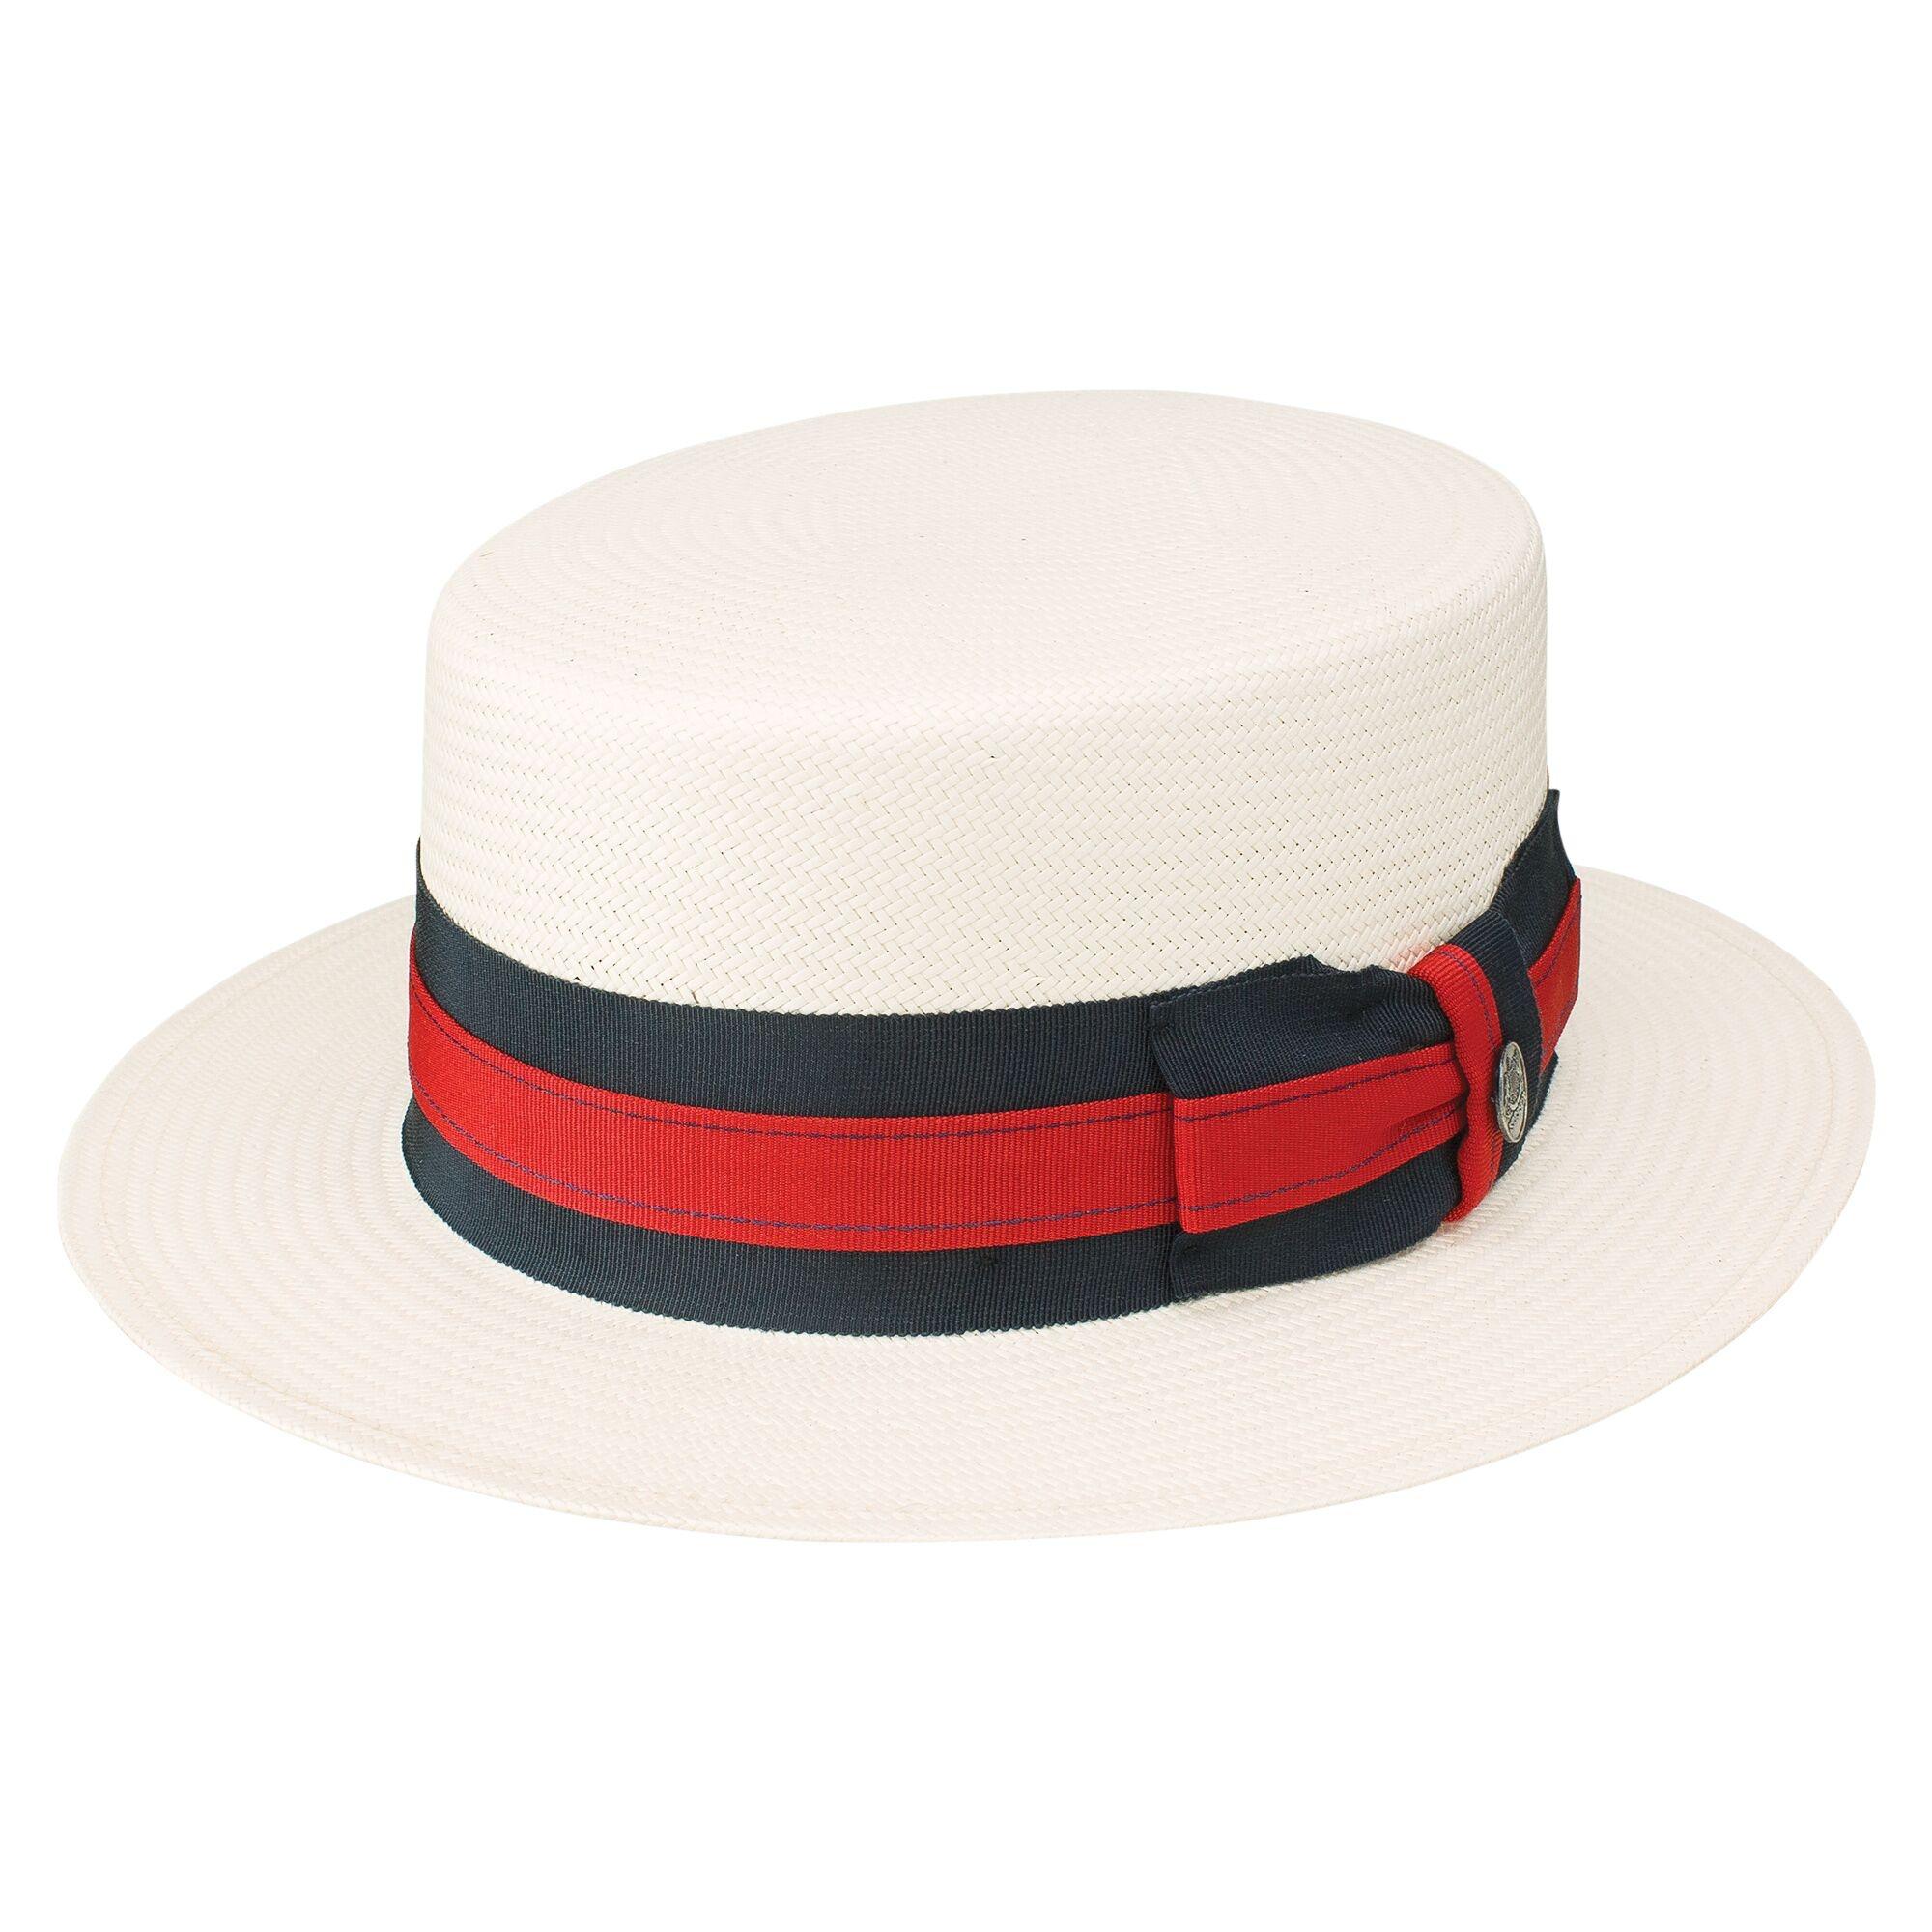 Stetson Keeneland - Straw Fedora Hat